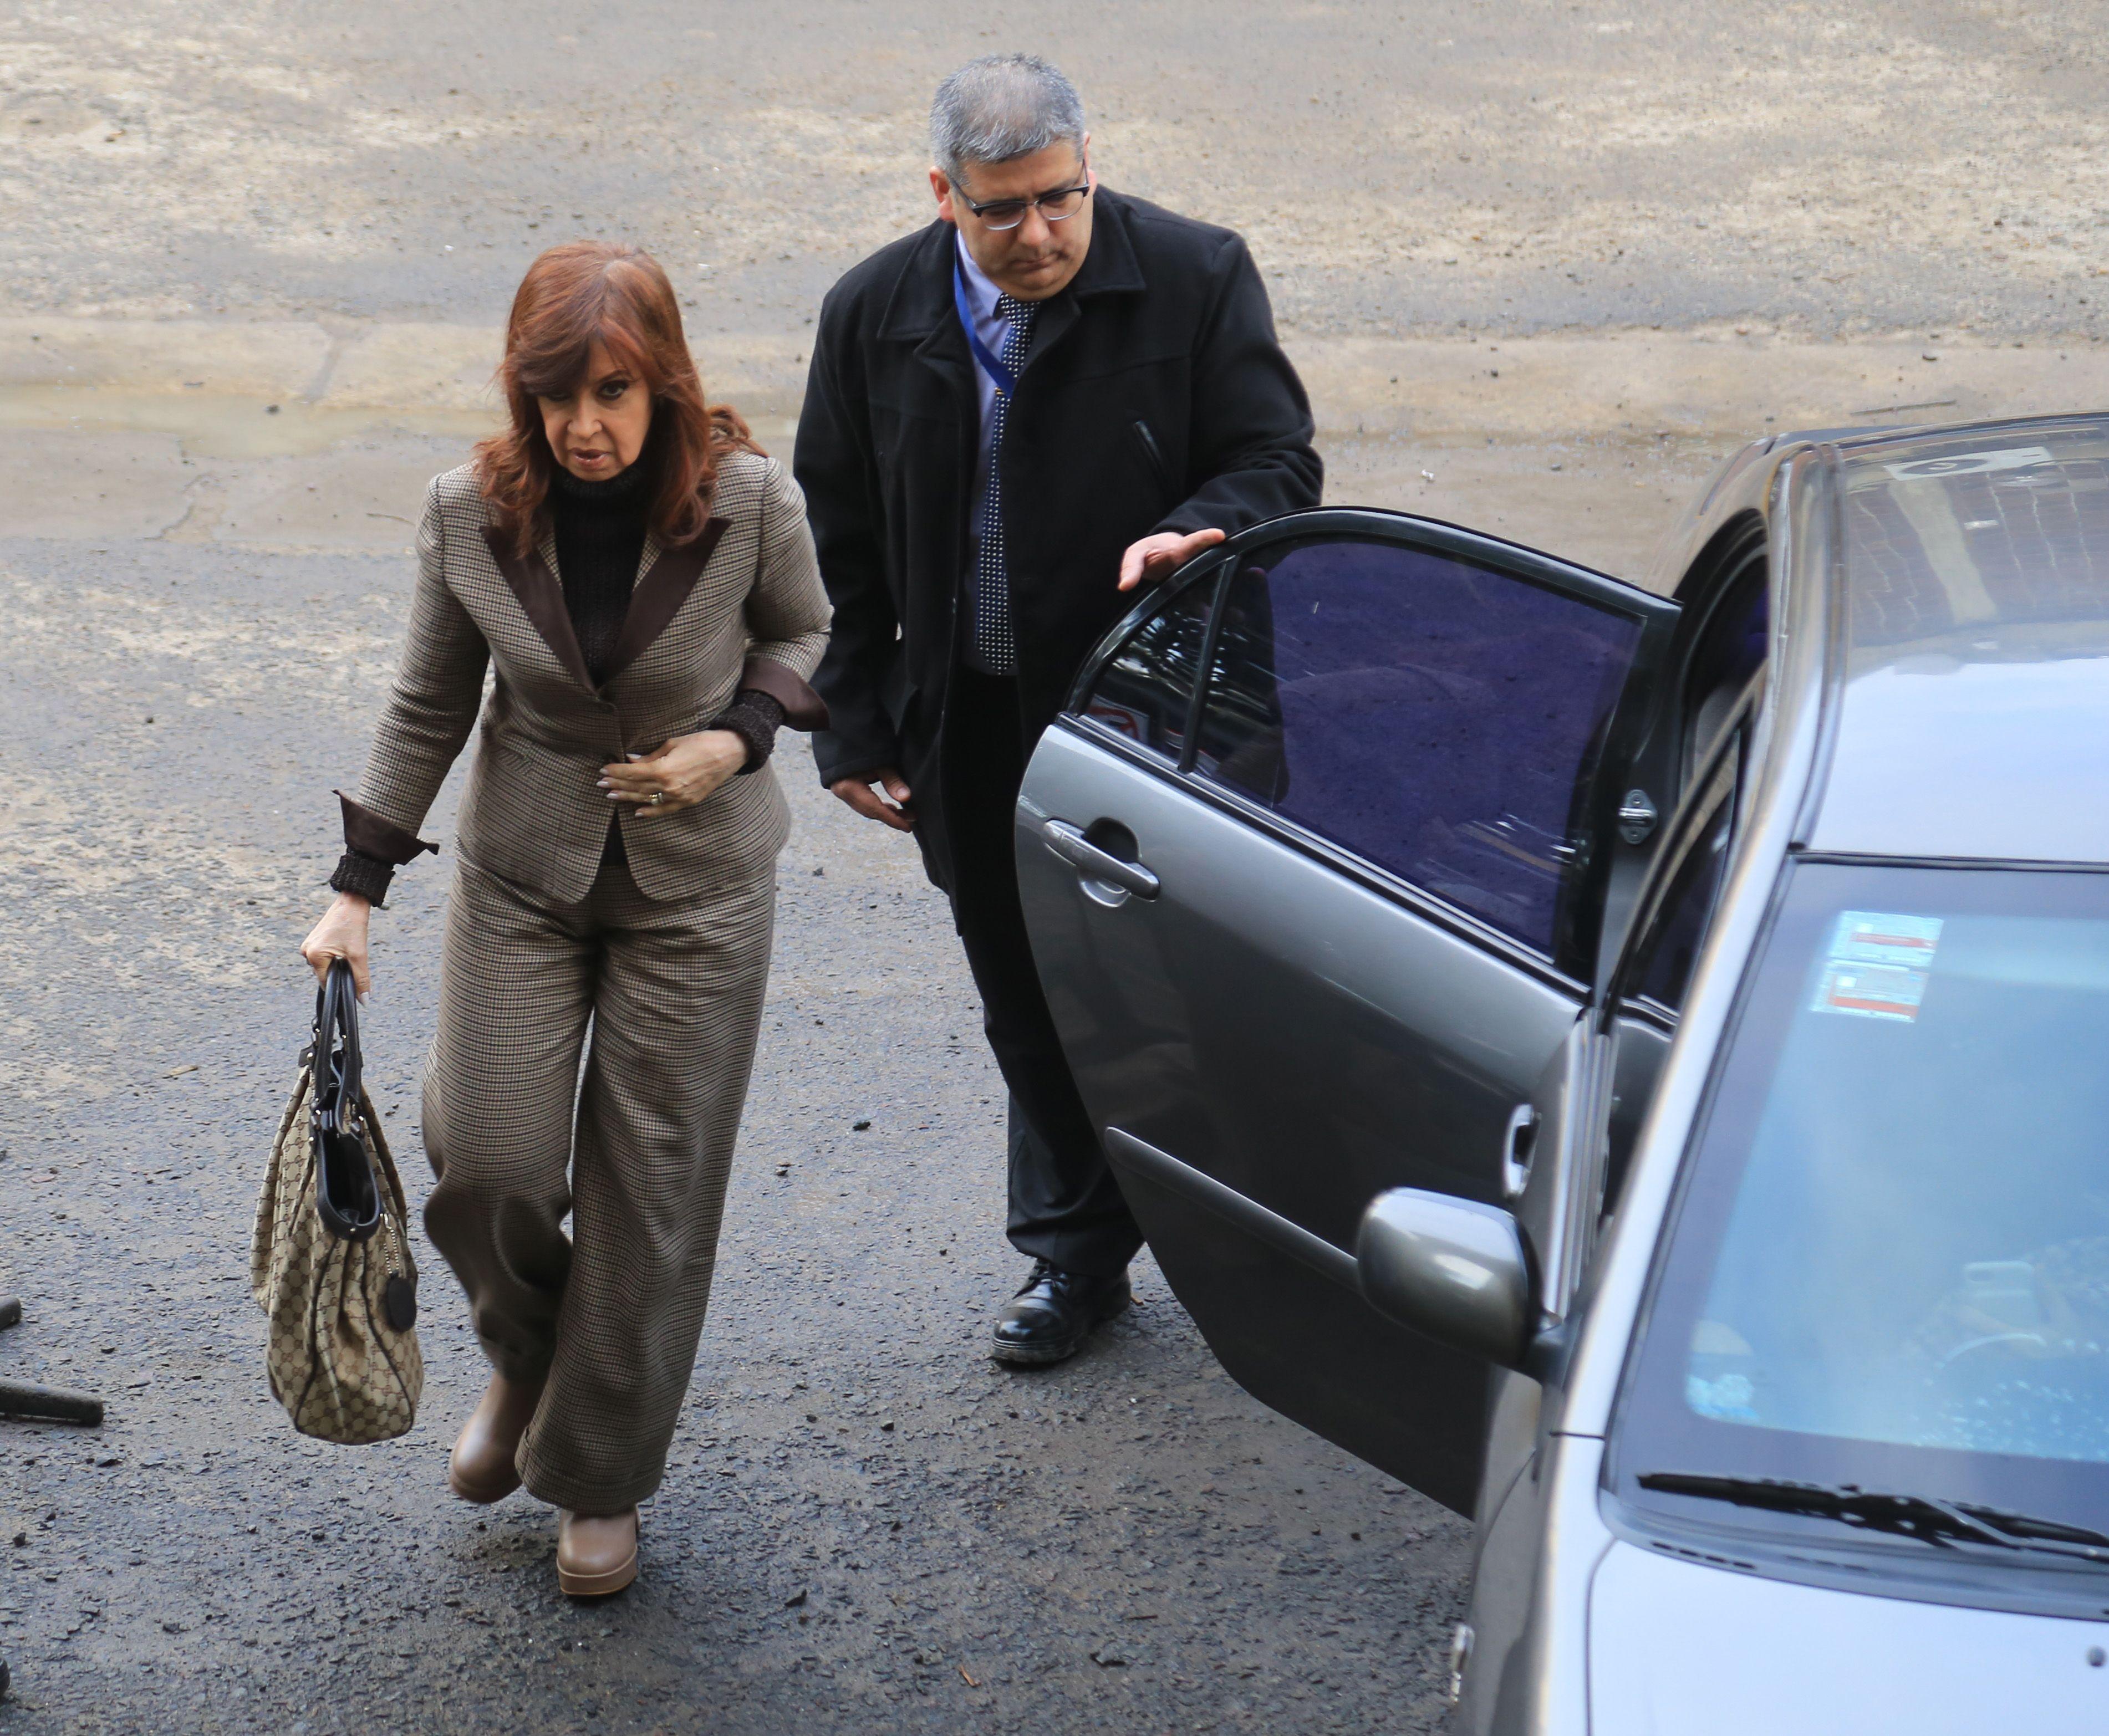 وصول رئيسة الارجنين لمقر التحقيق معها